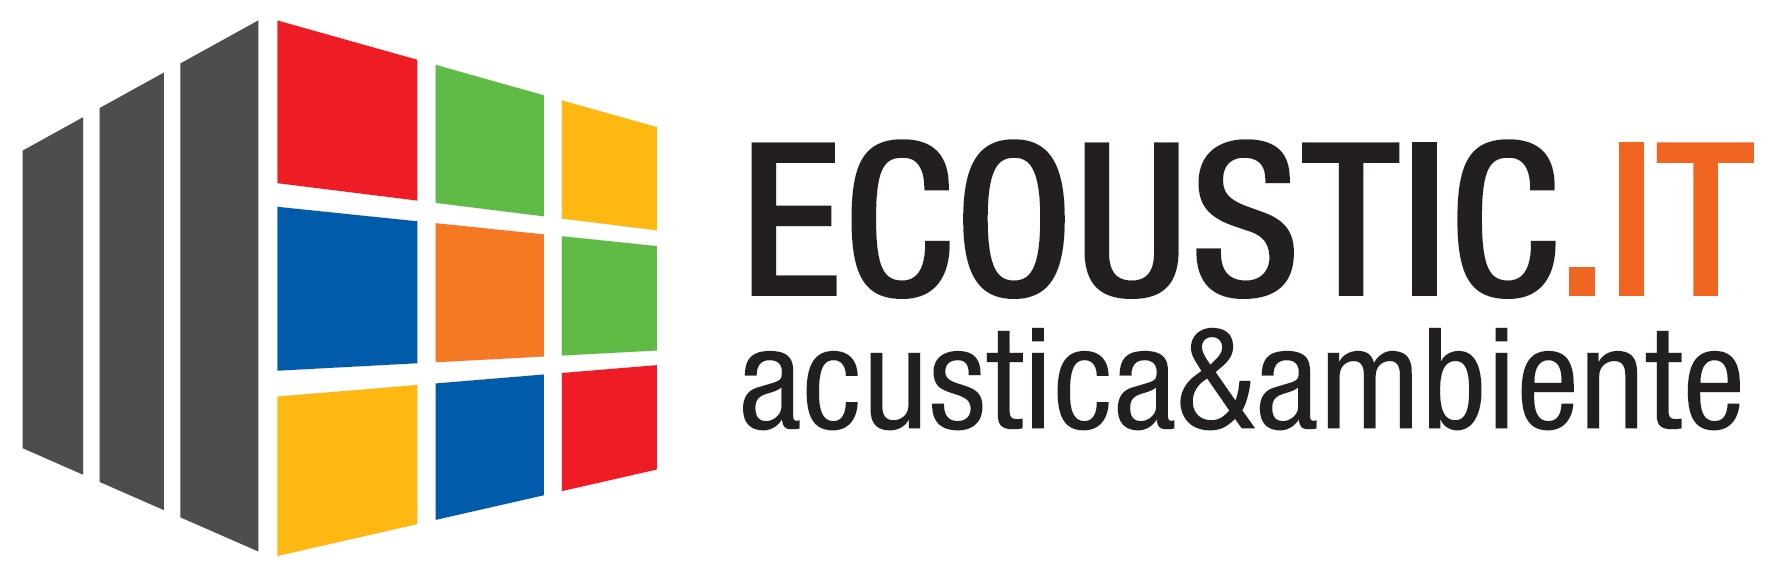 Ecoustic